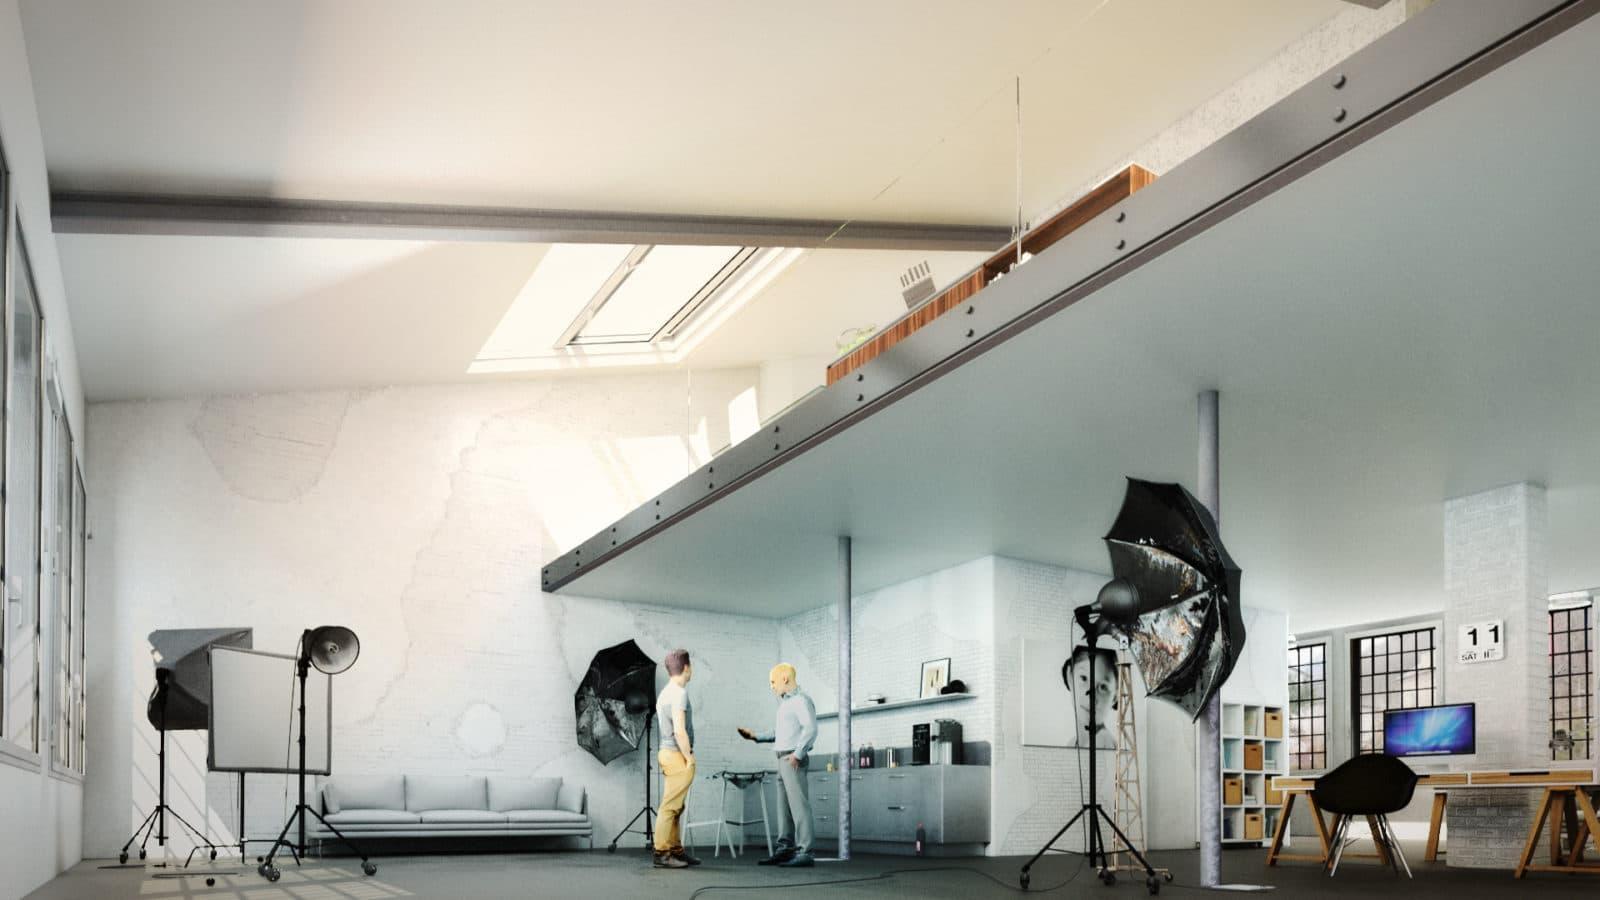 Architekturvisualisierung Interieur, Umbau Industrieobjekt 4